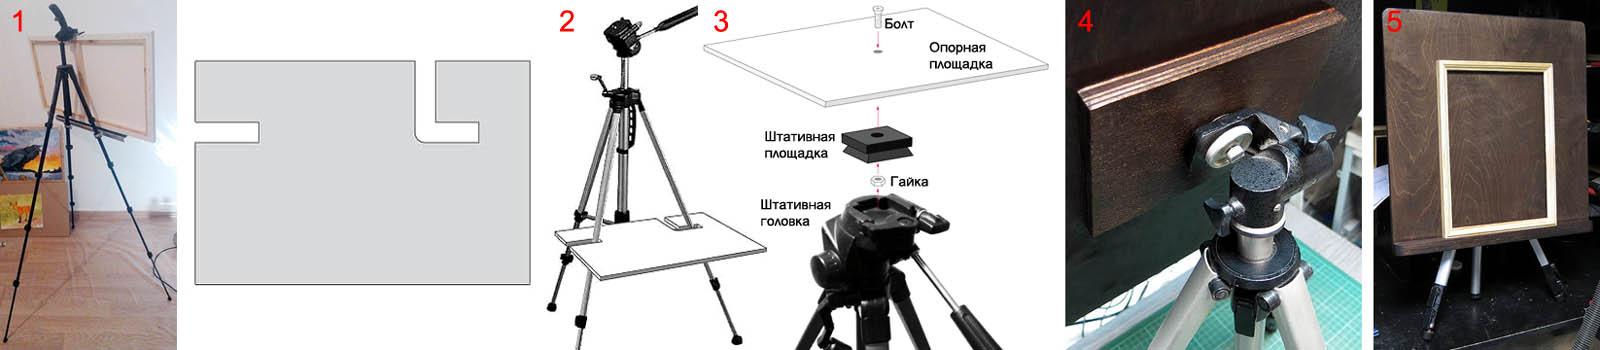 Как сделать мольберт из фото/видео штатива